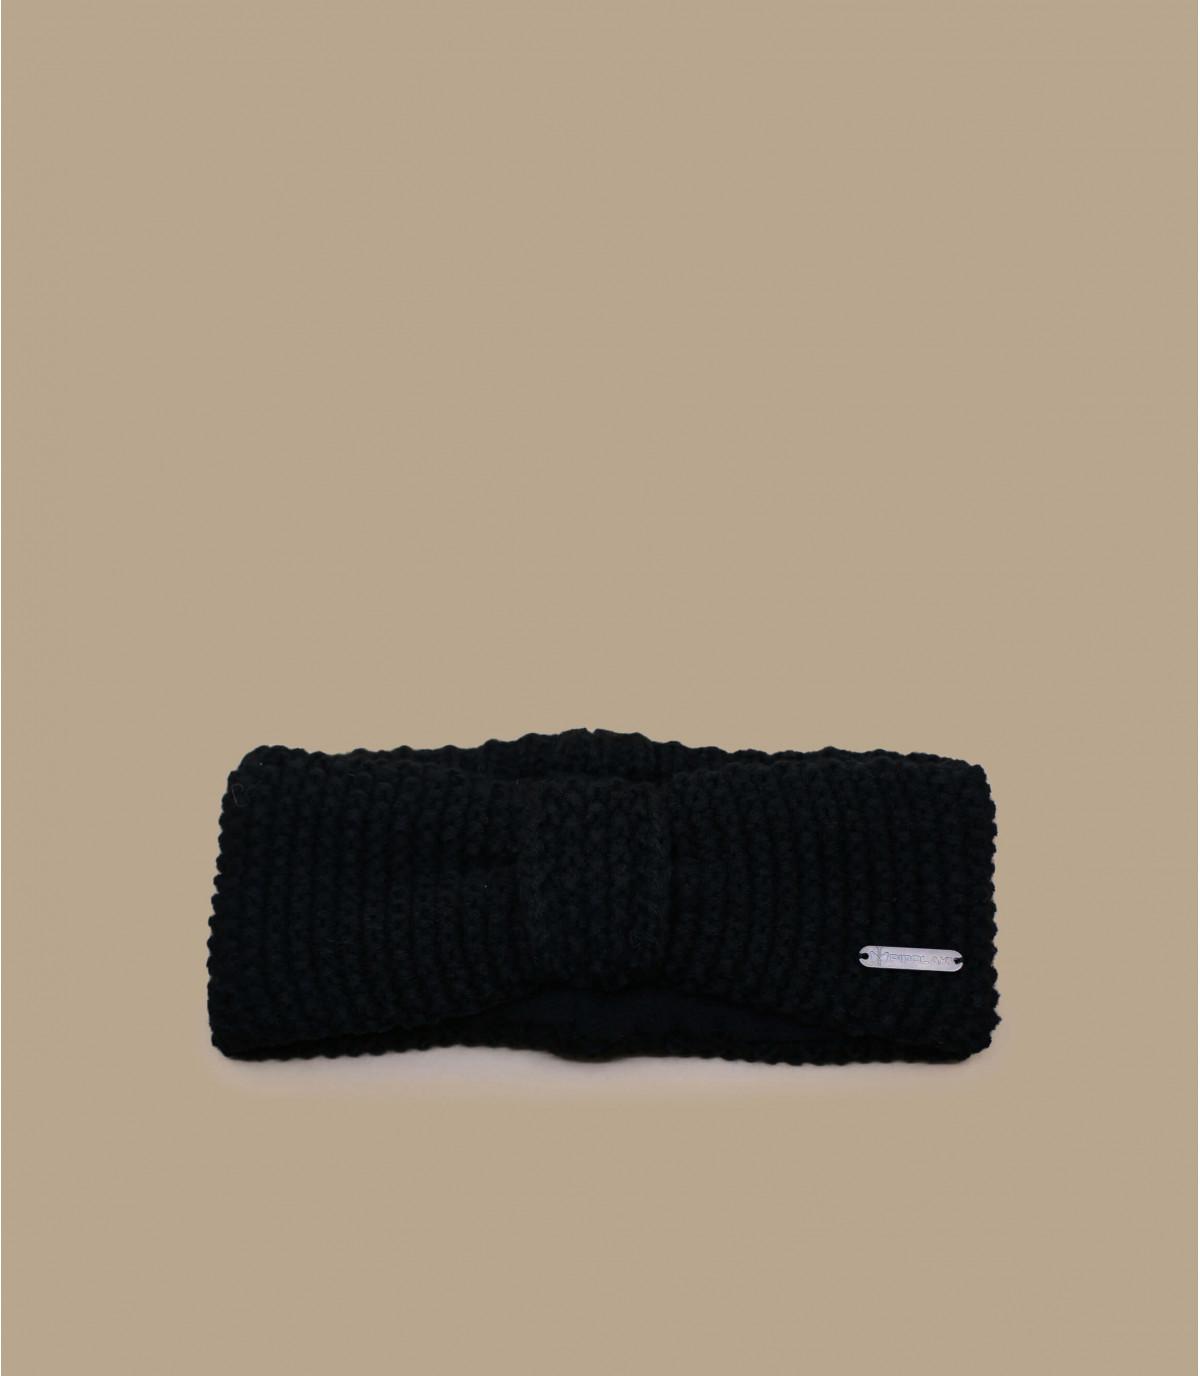 Dettagli Nunka black - image 2